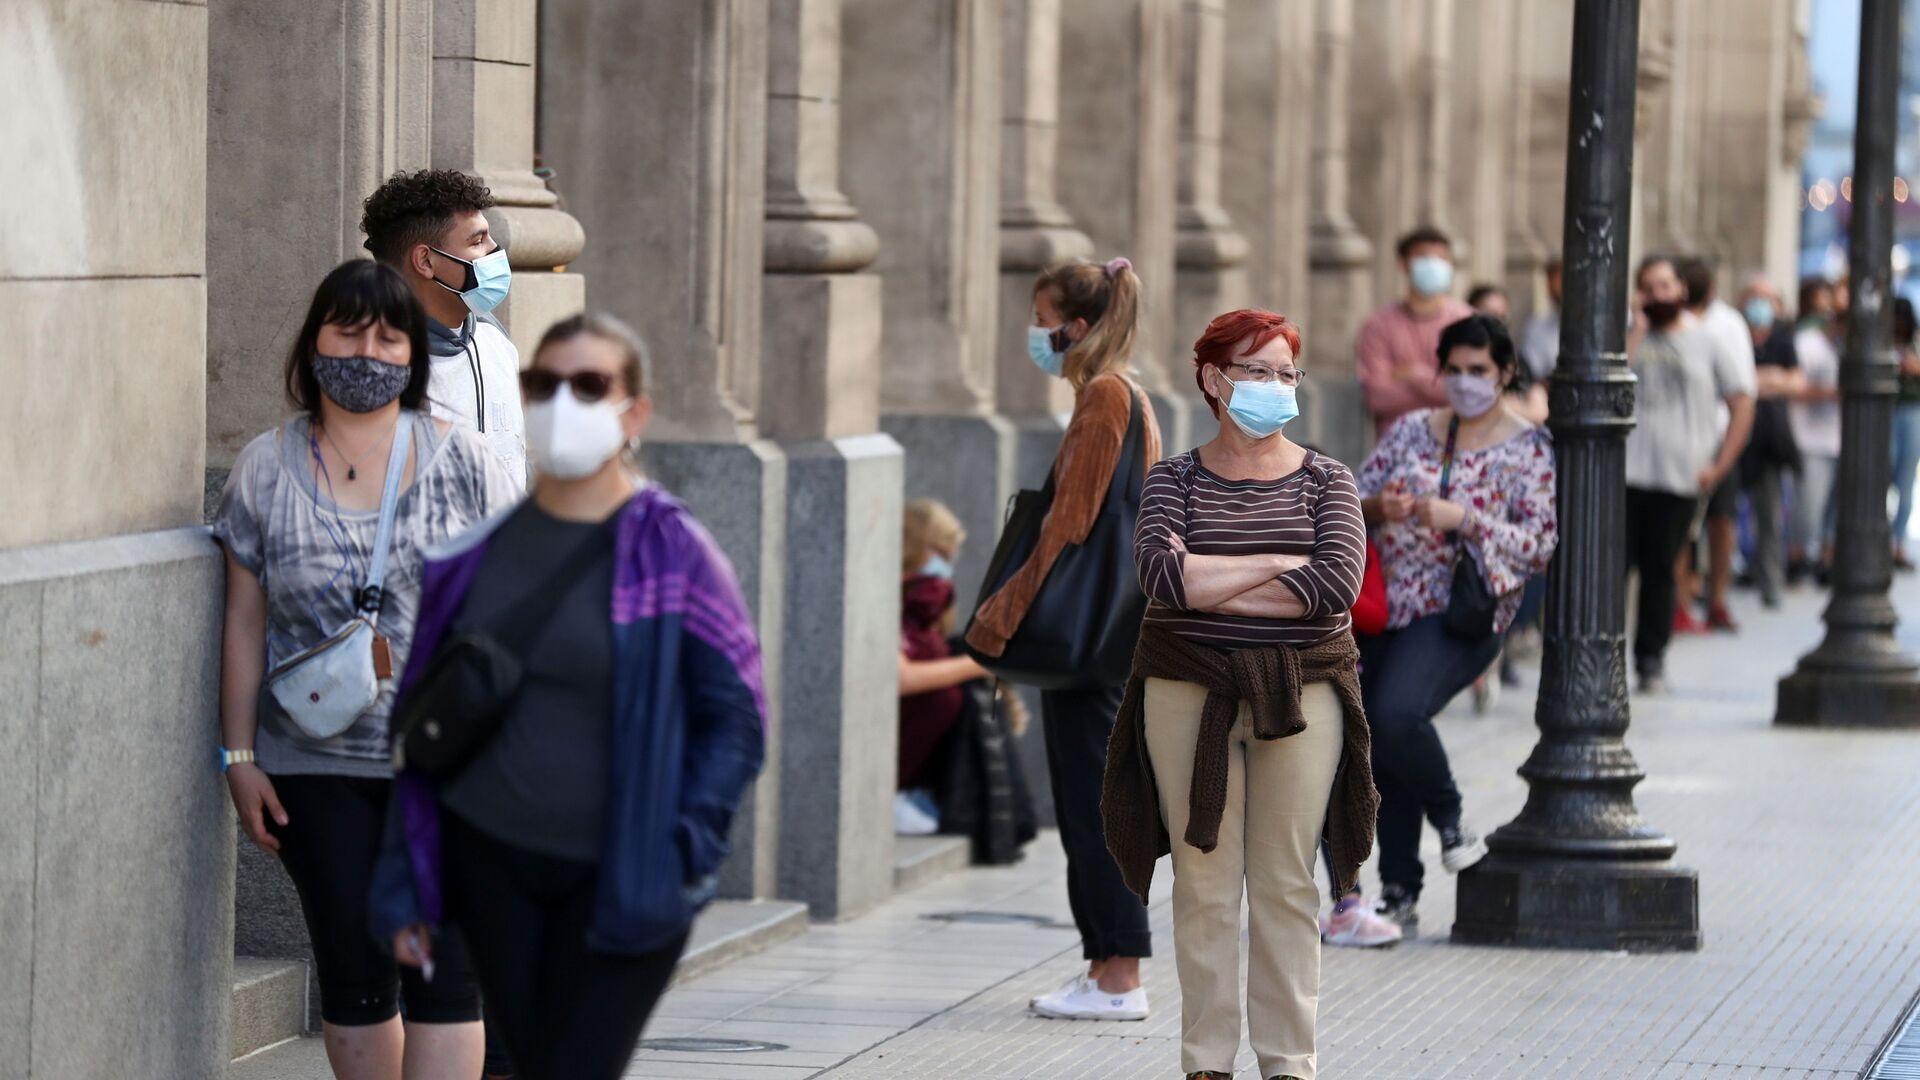 Пандемия коронавируса - прохожие в масках в Аргентине, Буэнос-Айрес - Sputnik Грузия, 1920, 16.04.2021